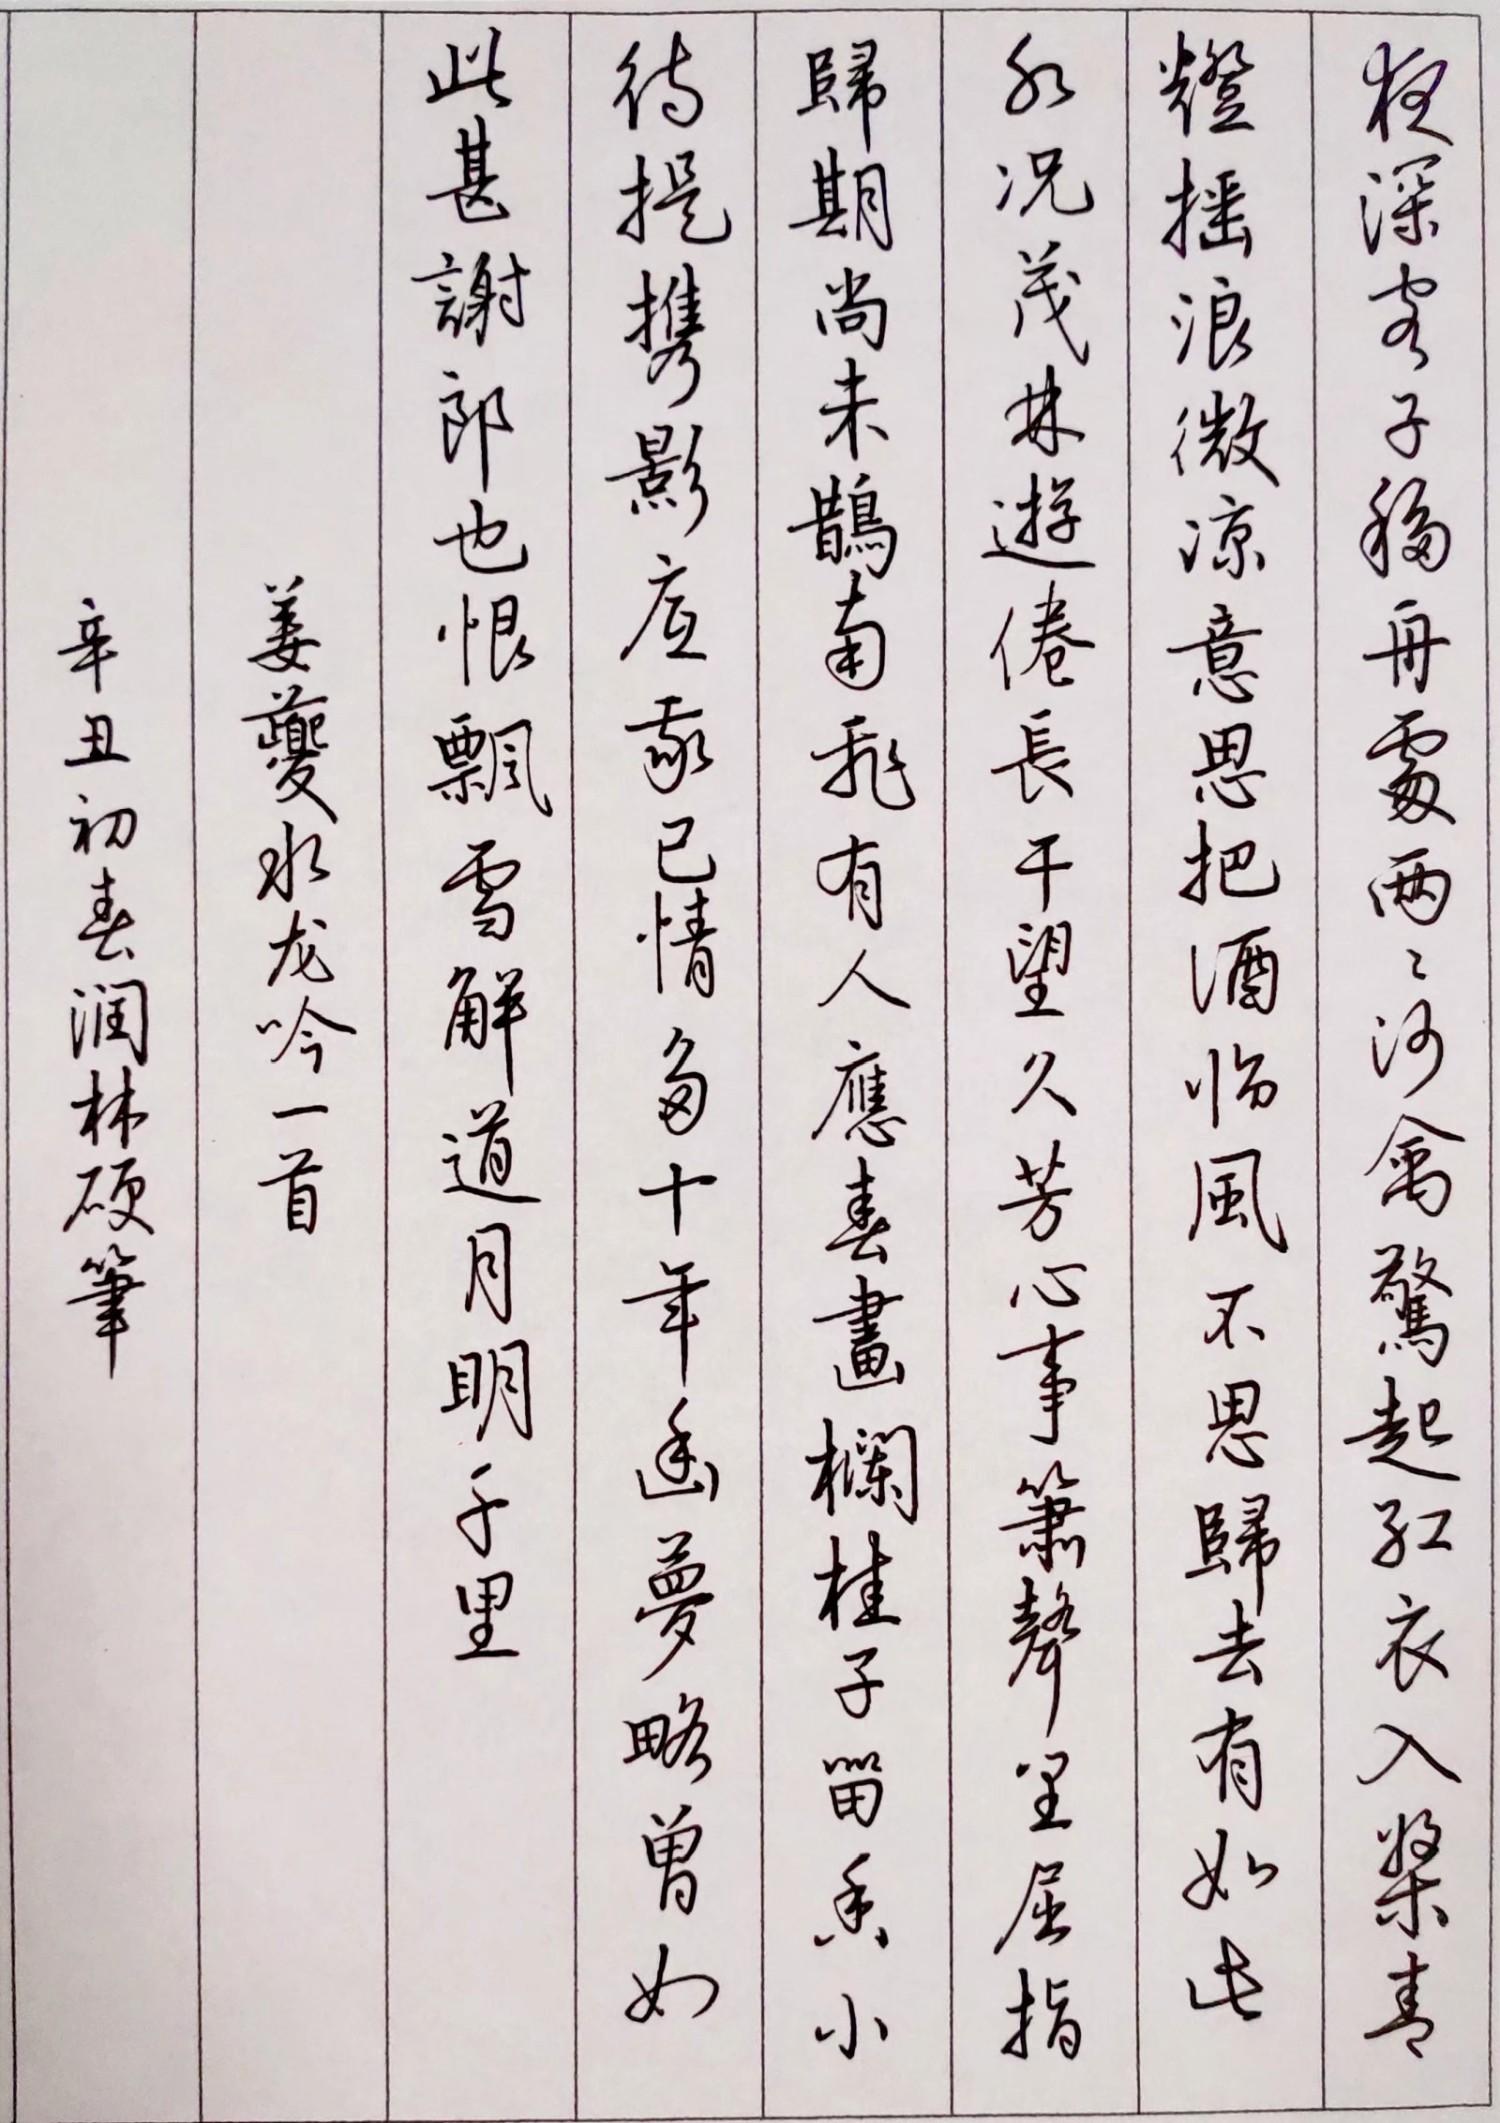 钢笔爱好者练字打卡20210309-06